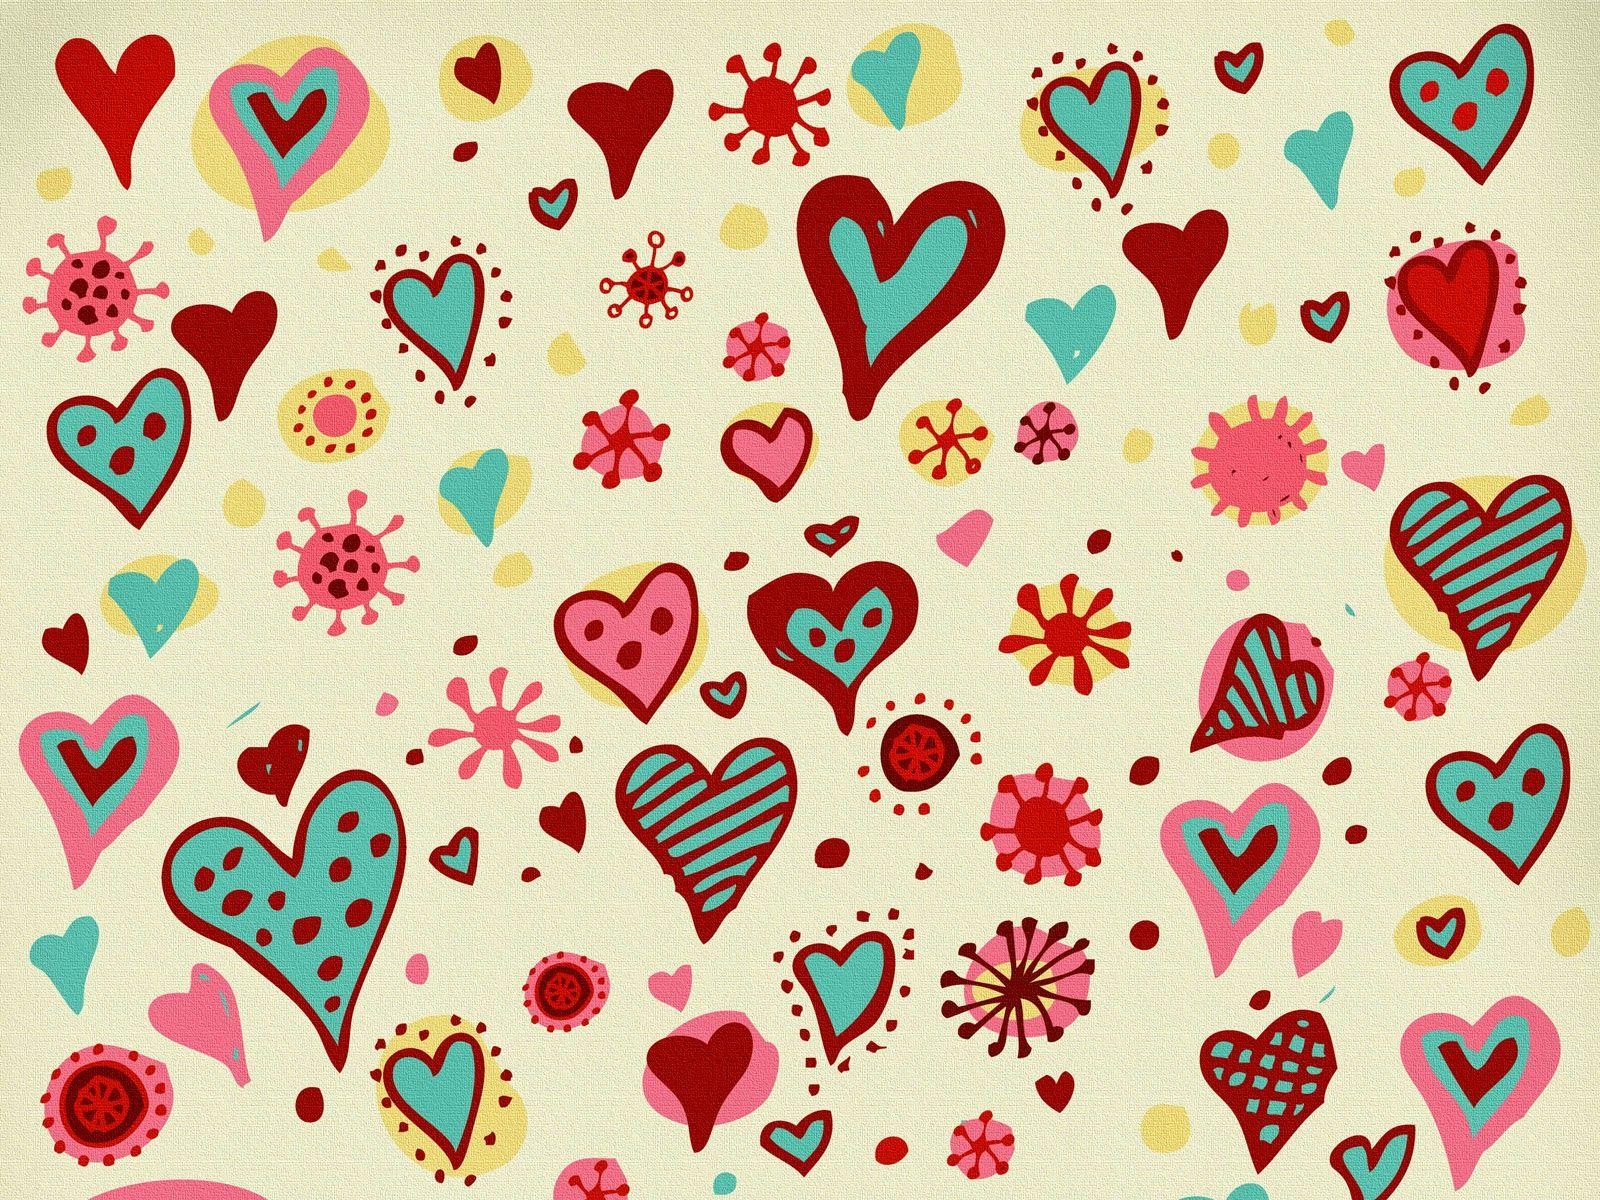 Corazones Fondo De Pantalla: Fondos De Pantalla Para Celulares Corazones Y Flores